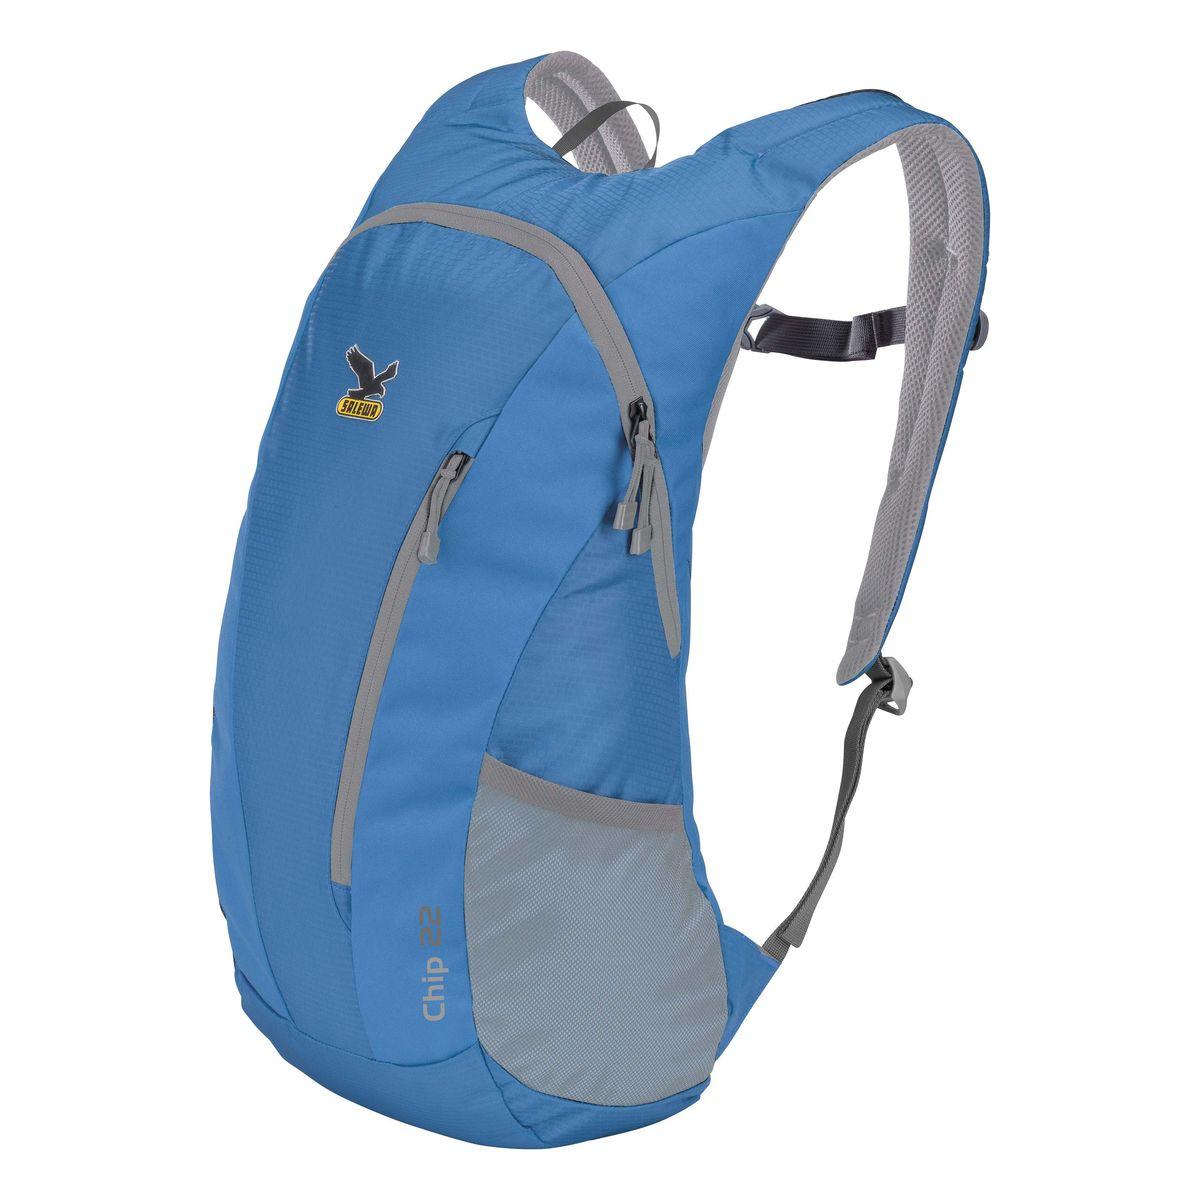 Рюкзак городской Salewa Daypacks CHIP 22, цвет: синий, 22л1130_8490Компактный городской рюкзак для повседневного использования и активного досуга. Comfort Fit обеспечивает комфортное распределение нагрузки и вентиляцию. Особенности: - переднее отделение - боковые карманы